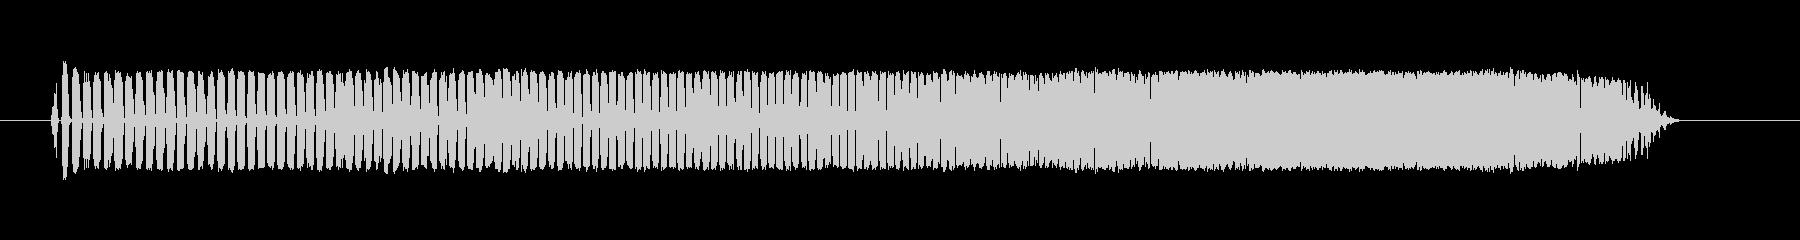 粒状化電子不良スキャナ調整音の未再生の波形